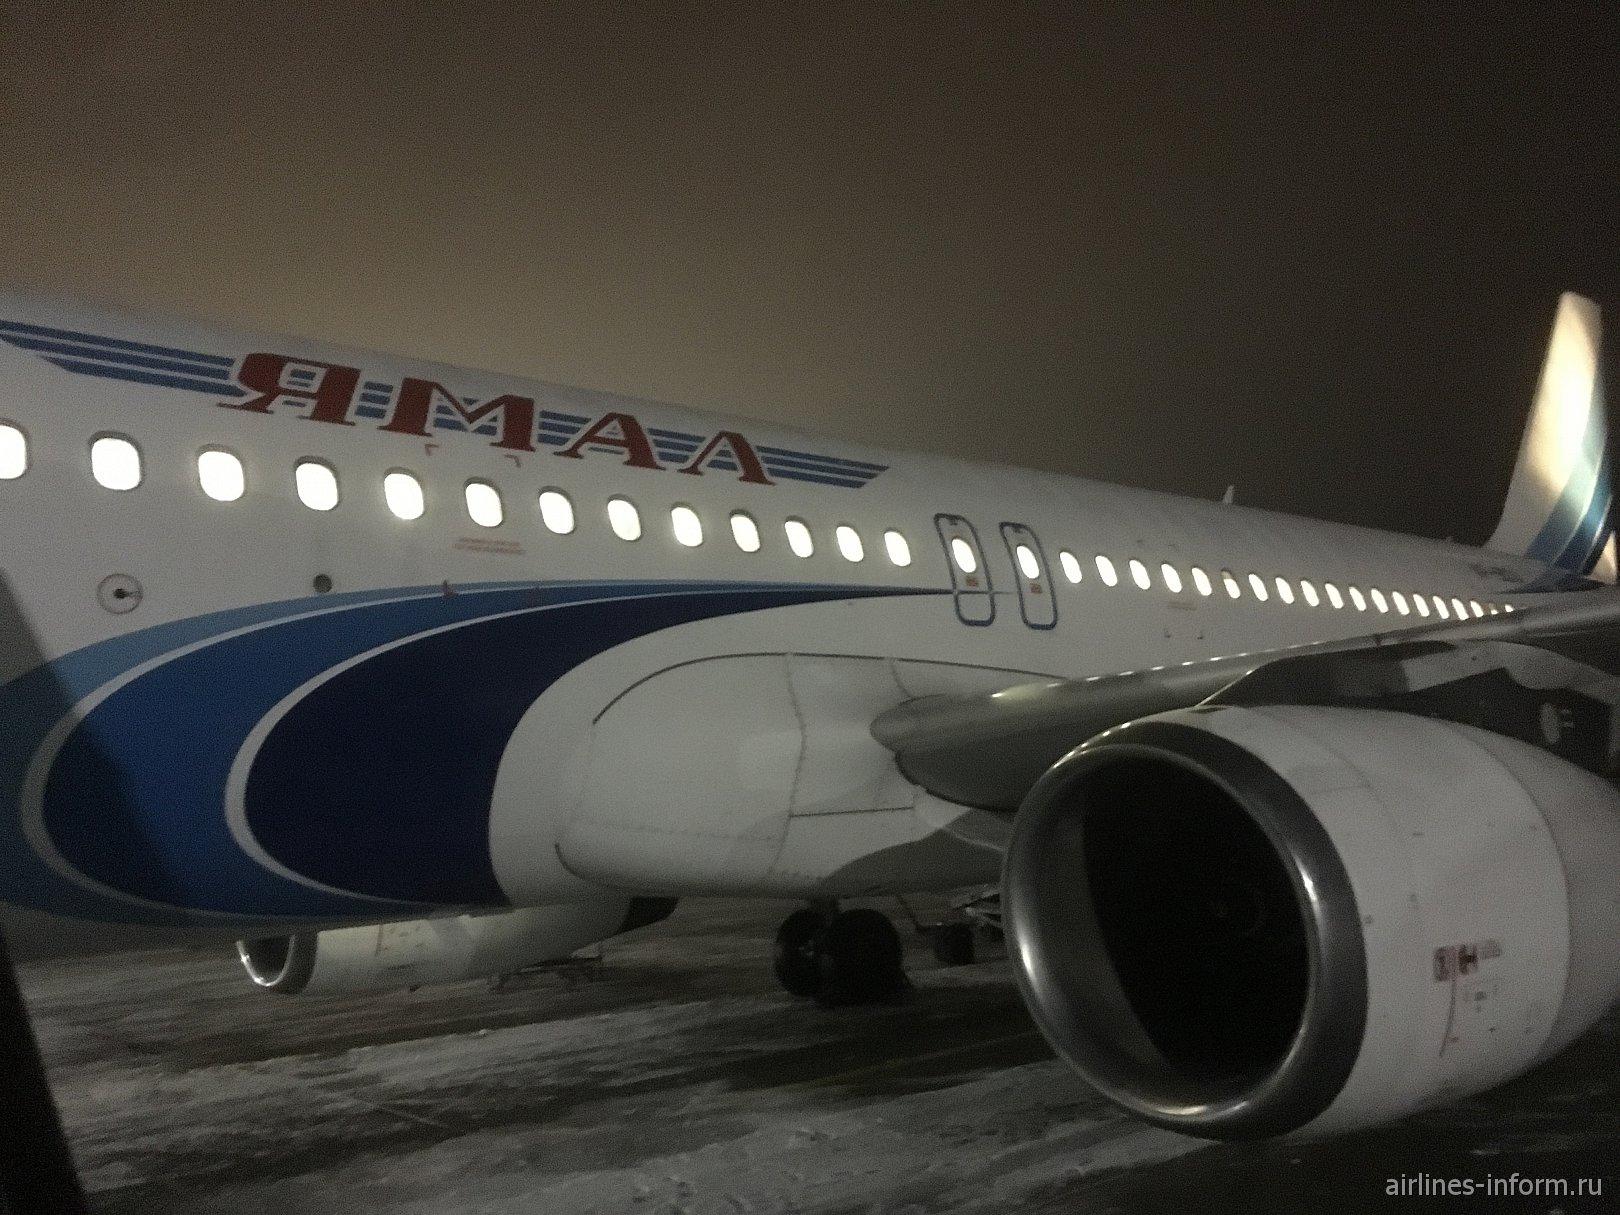 Кратко и по делу. Москва-Тюмень: ямальская дорога домой.